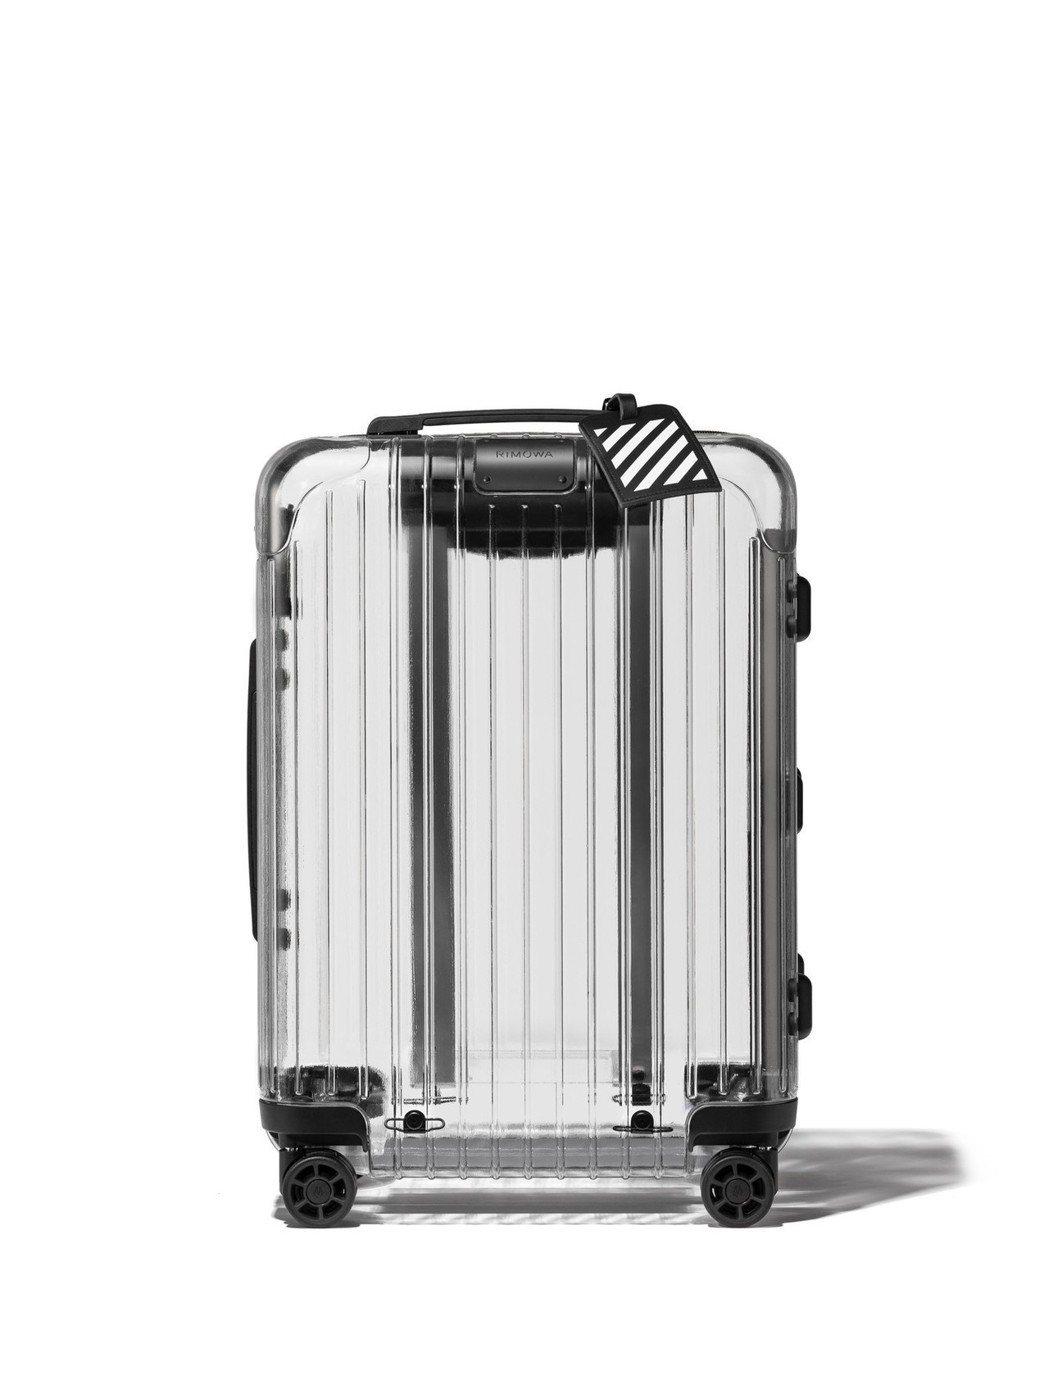 RIMOWA與Off-White設計師Virgil Abloh合作推出世界首款透...